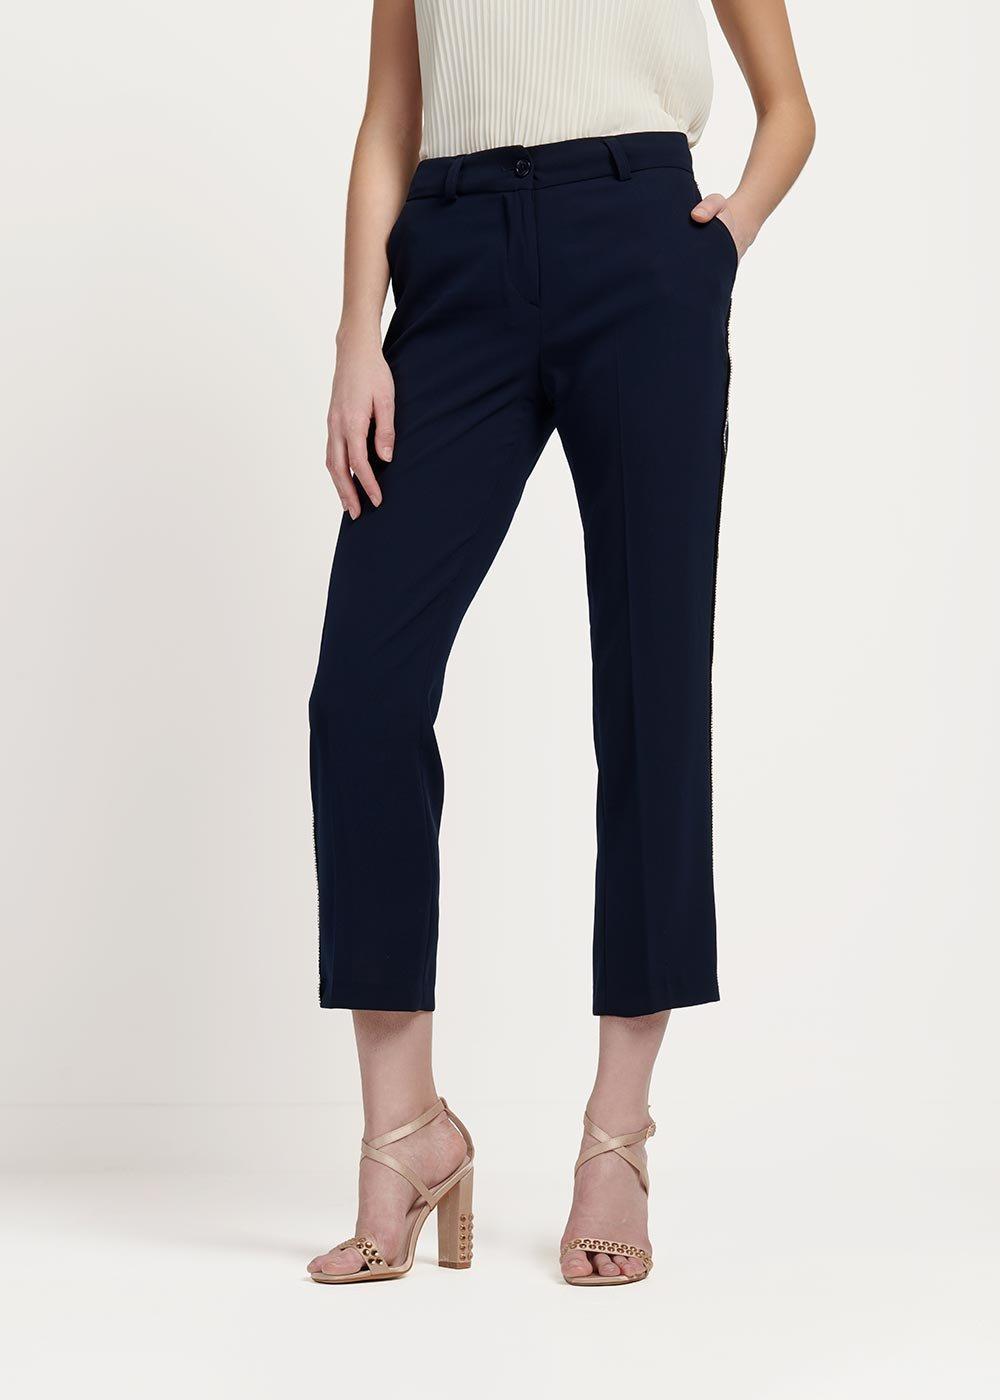 Pantalone palazzo Phillis con passamaneria di strass laterali - Medium Blue - Donna